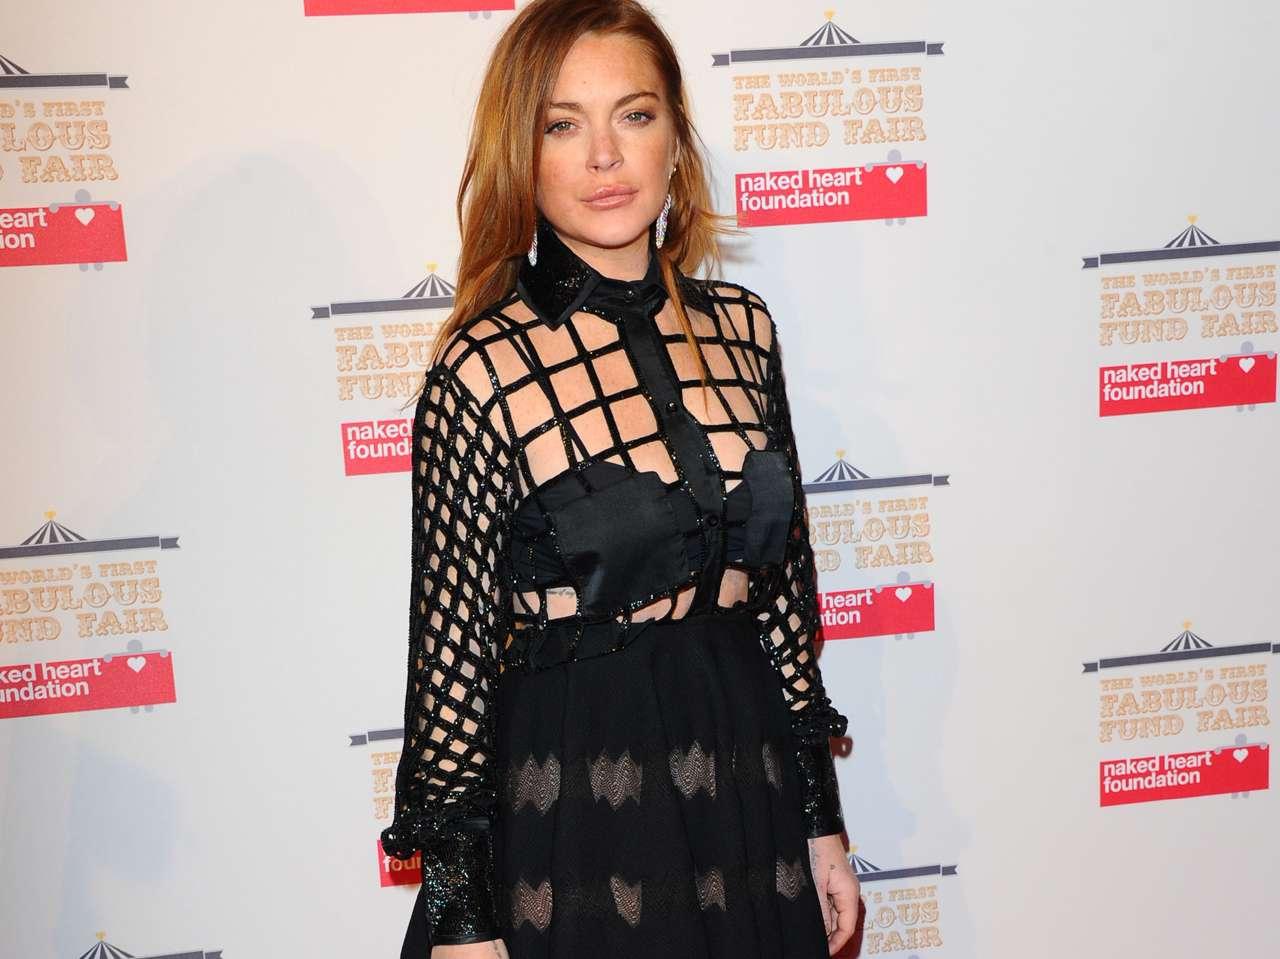 El 12 de marzo se llevará a cabo una nueva audiencia para saber las actividades con las que Lindsay Lohan tendrá que cumplir para completar su pena. Foto: Getty Images